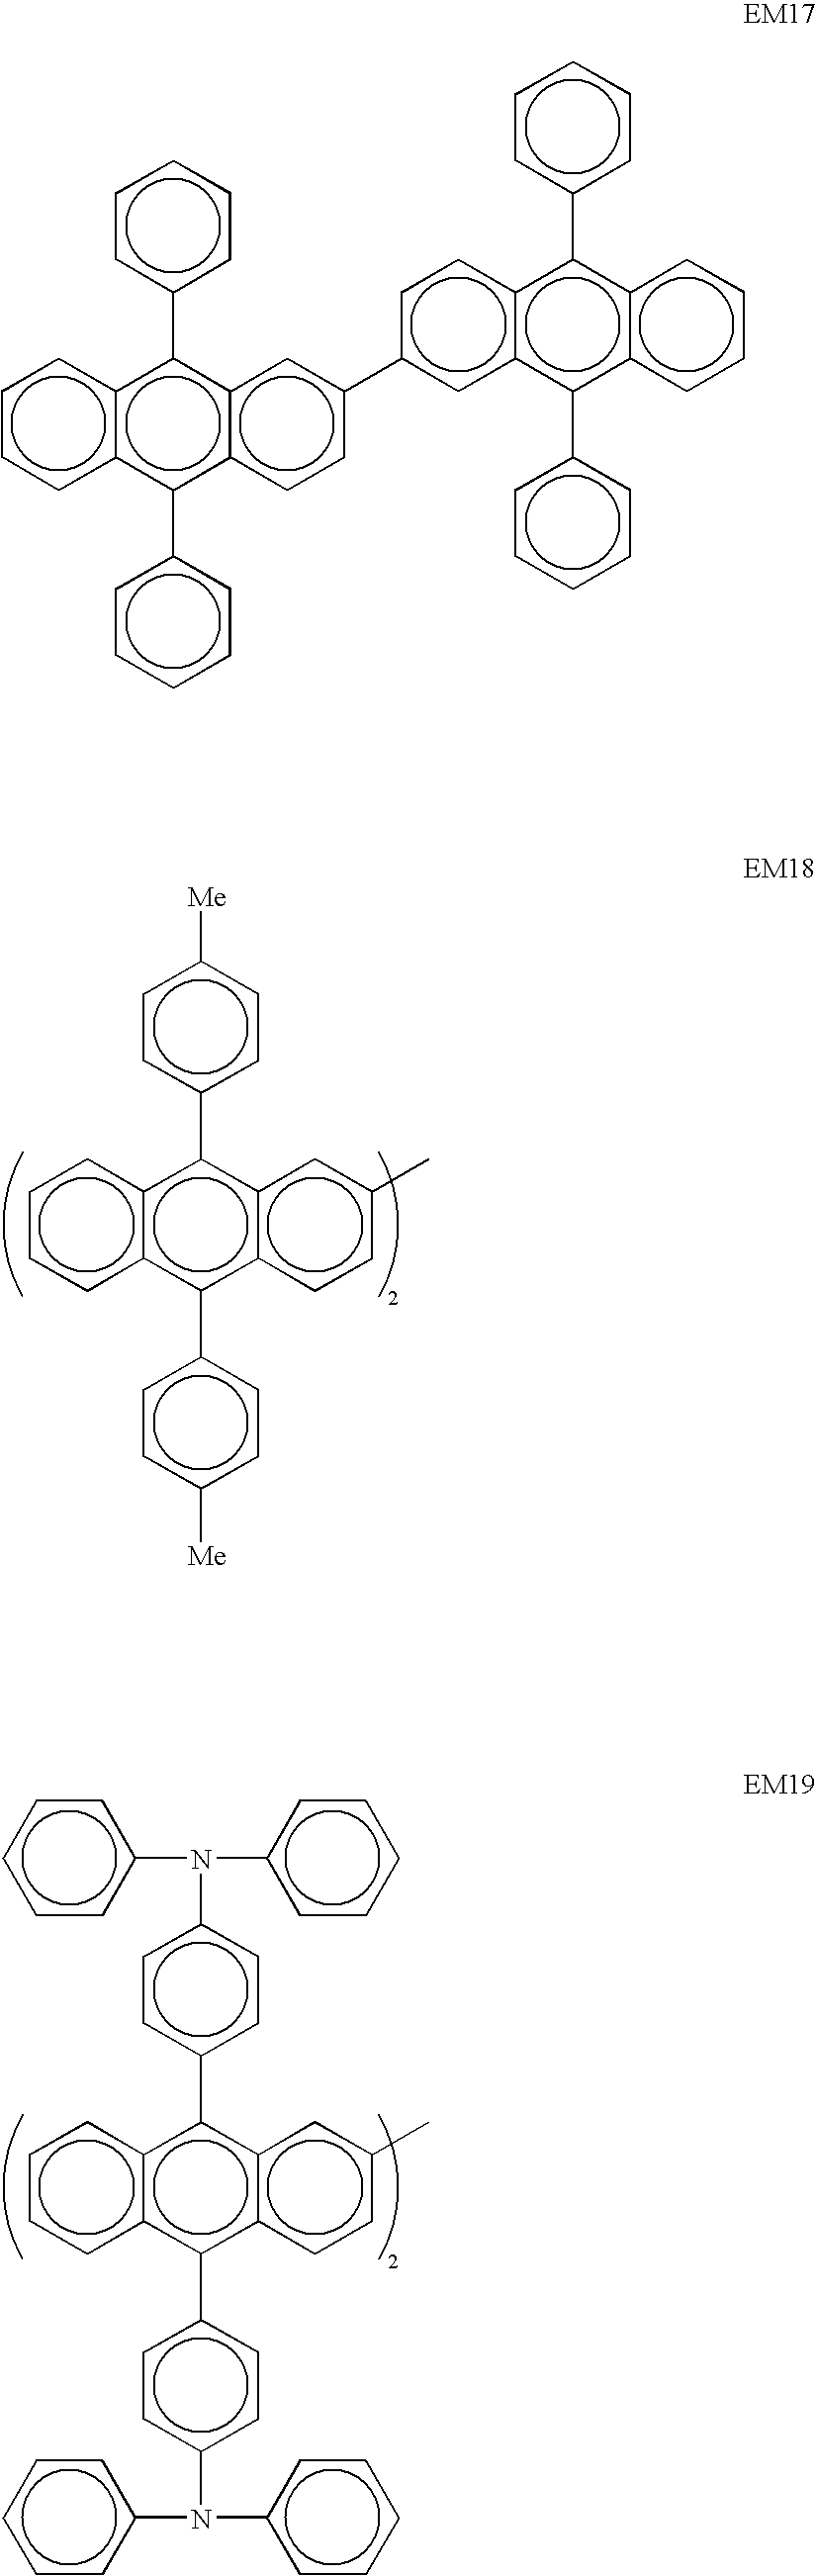 Figure US20060033421A1-20060216-C00015